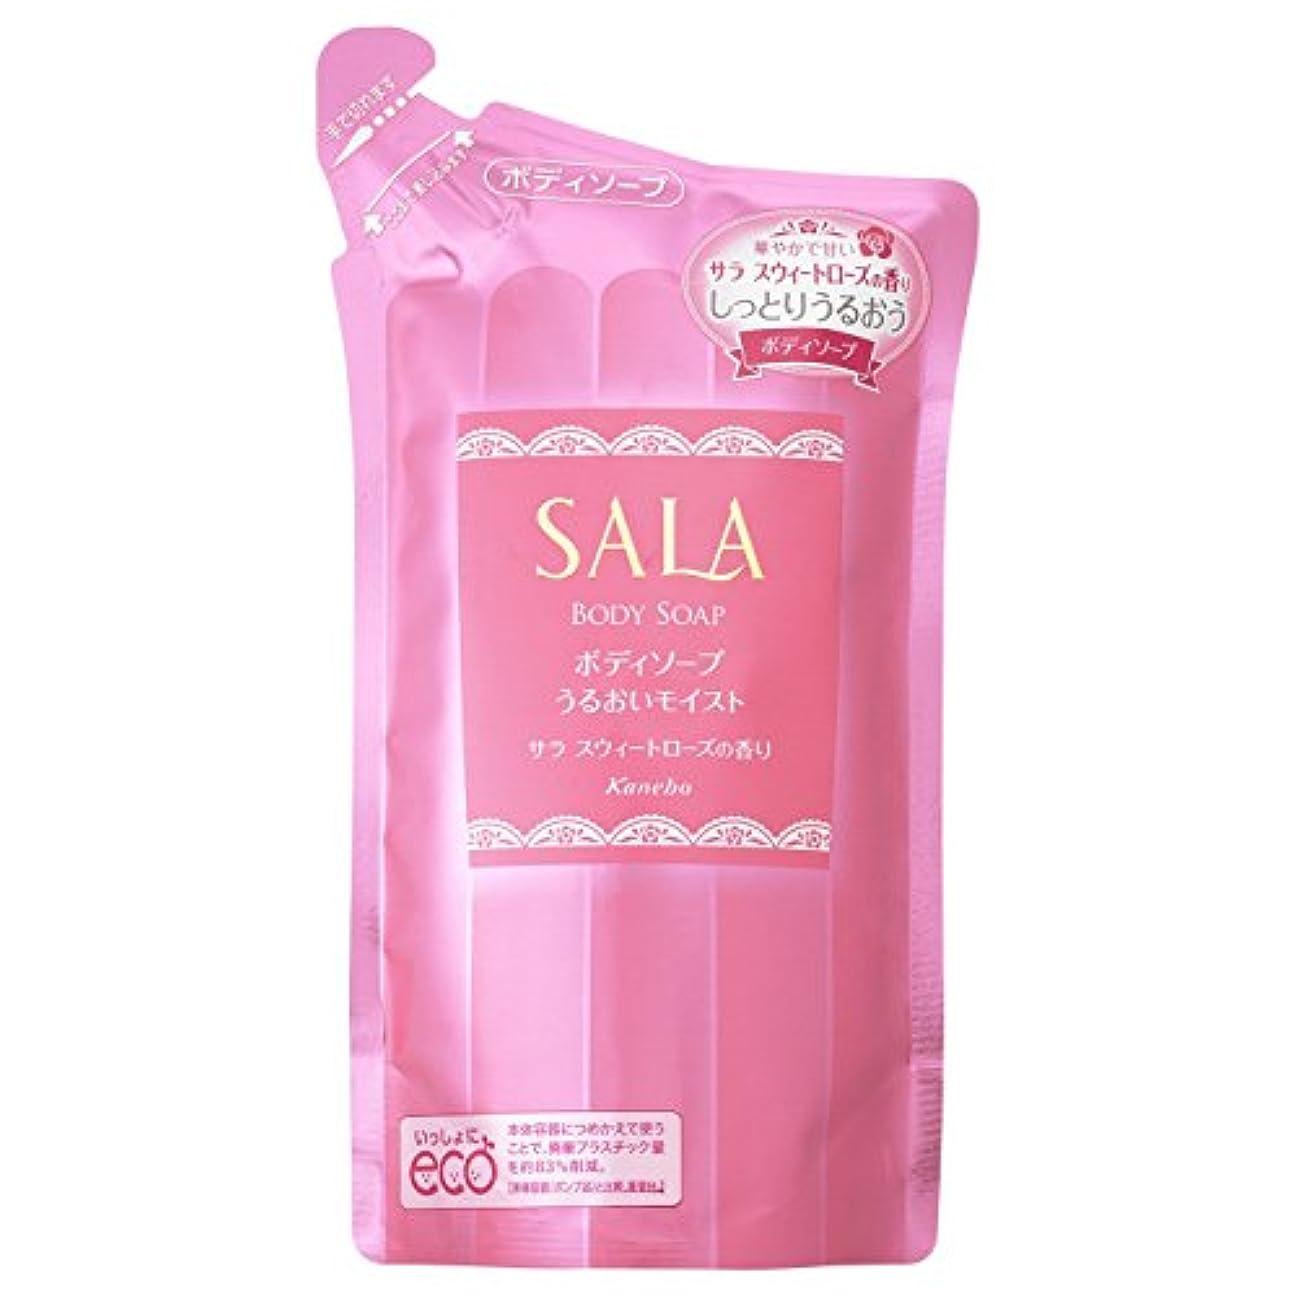 アルプス追い出す配列サラ ボディソープ うるおいモイスト つめかえ用 サラスウィートローズの香り